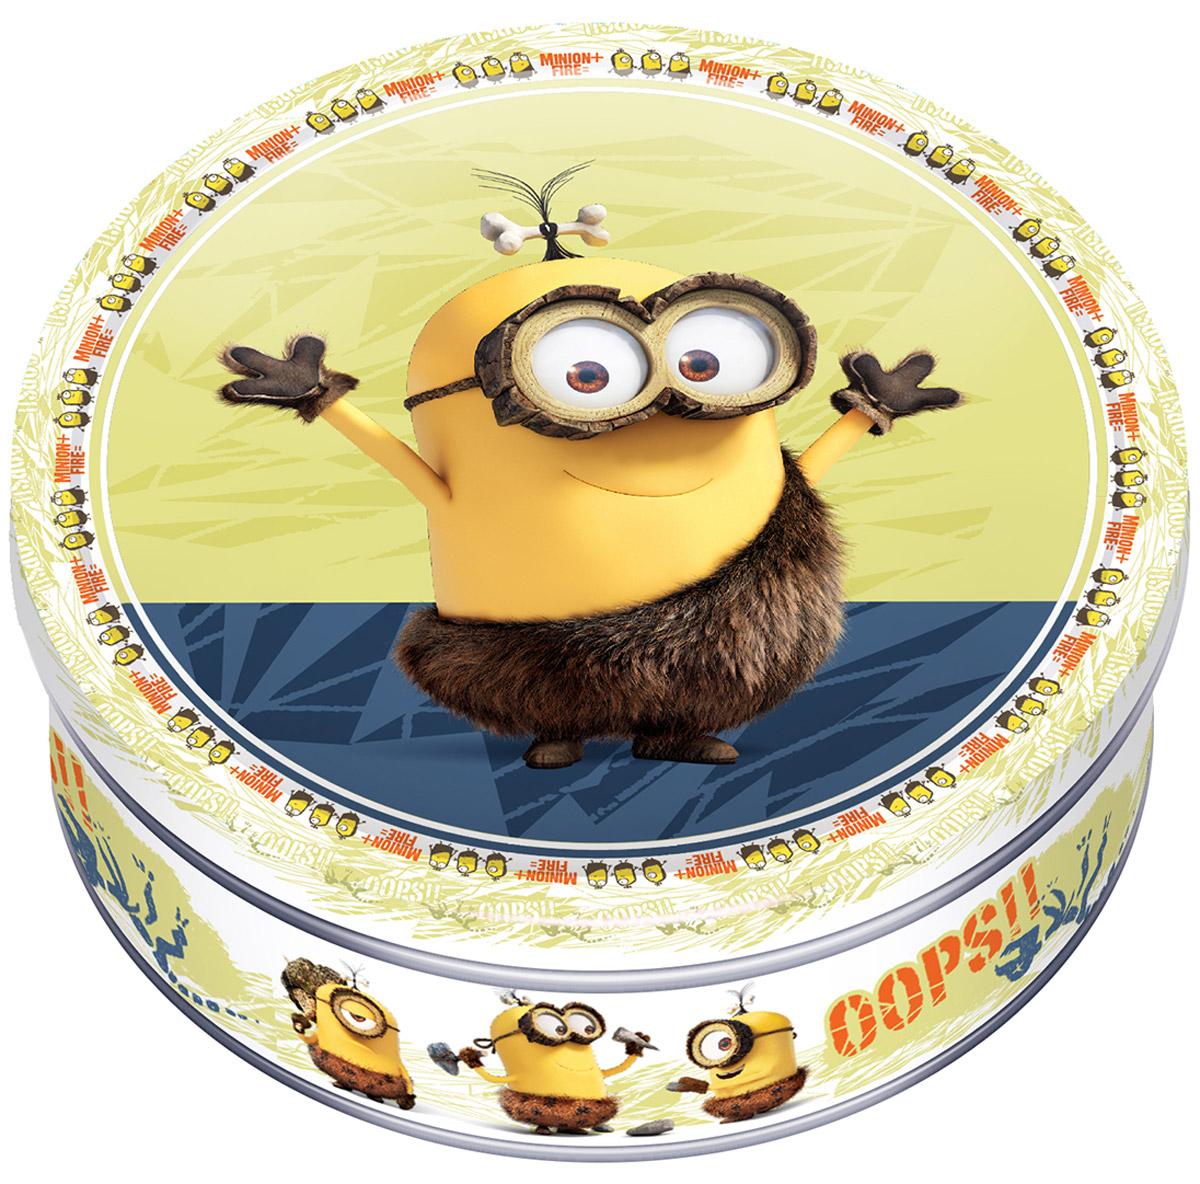 Minions печенье сдобное с кусочками шоколада, 150 г4600416016891_желтый фонMinions - 100% сдобное печенье в подарочной банке. В коллекции Minions 3 варианта дизайна подарочных банок, каждый из которых - отличный подарок ко Дню всех влюбленных или другой особой дате.